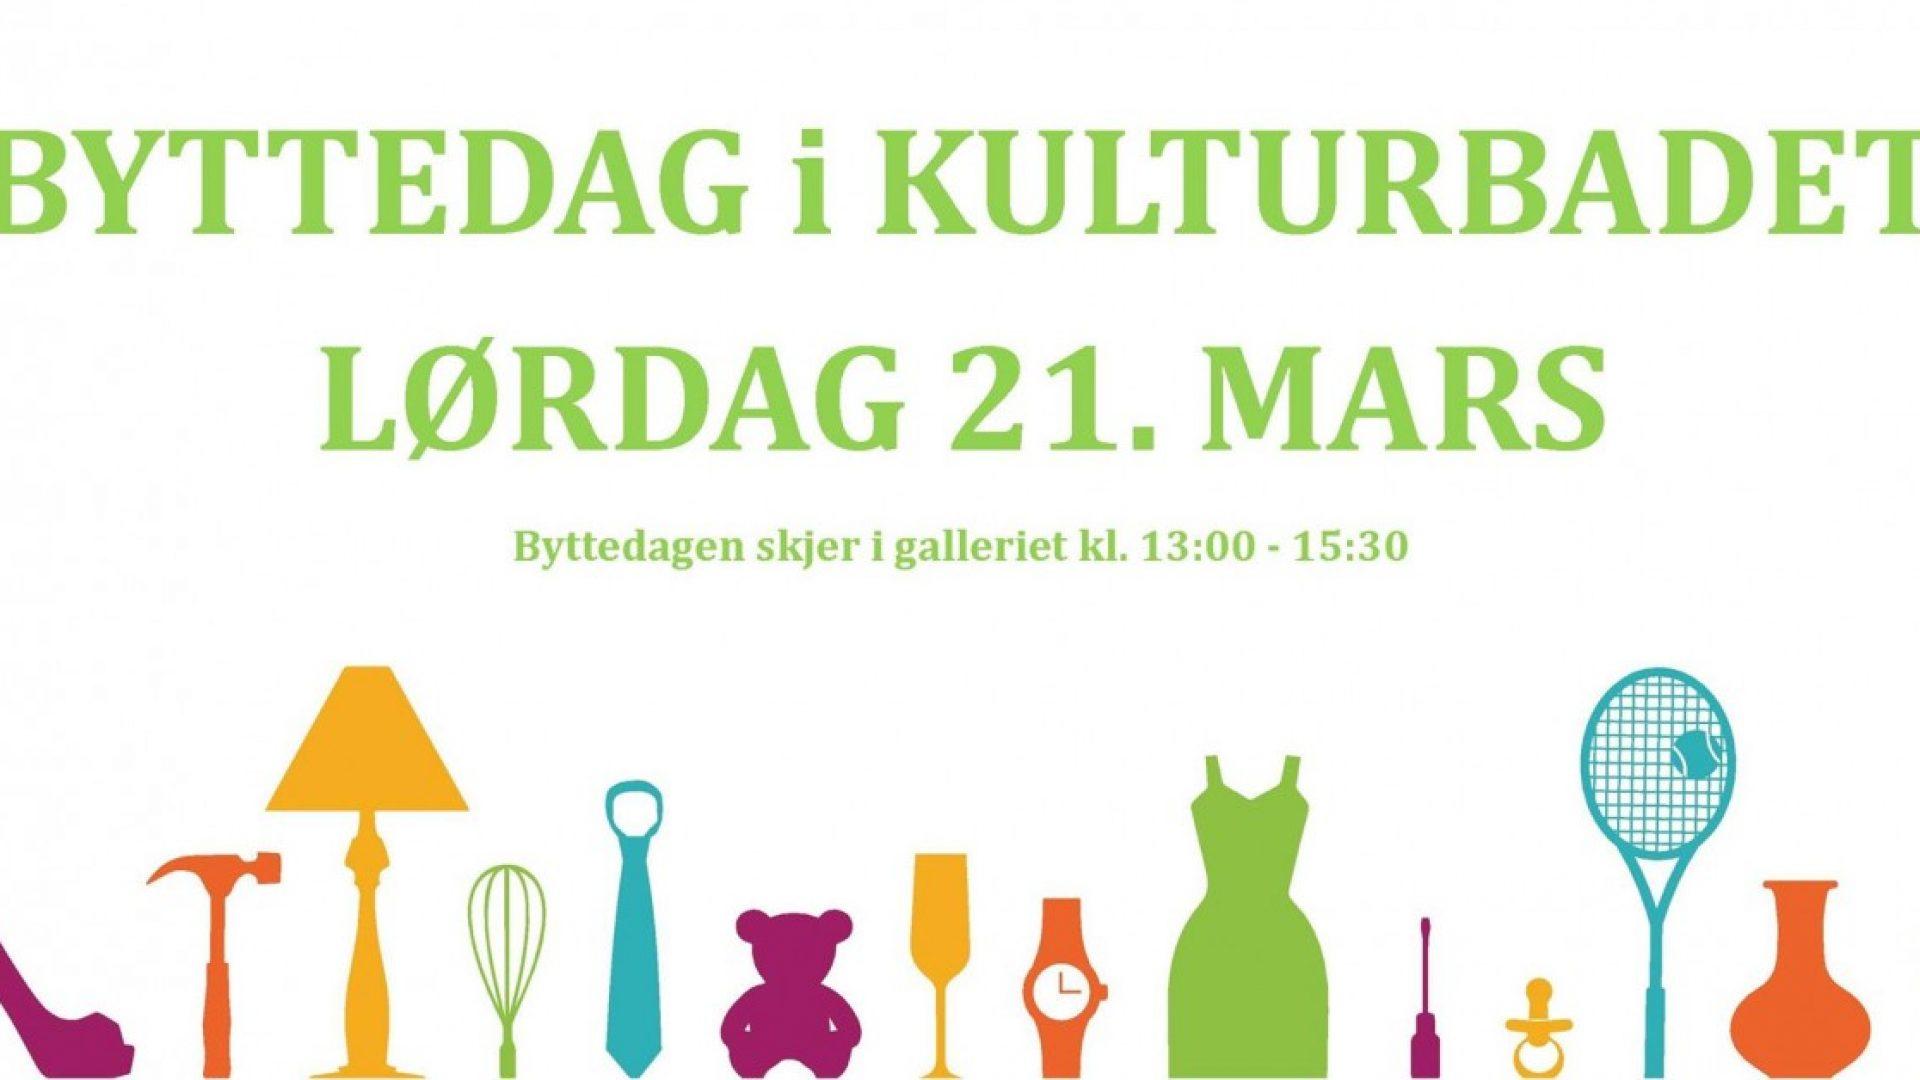 Plakat for byttedagen. Et utvalg av verktøy, klær og artikler illustrert.